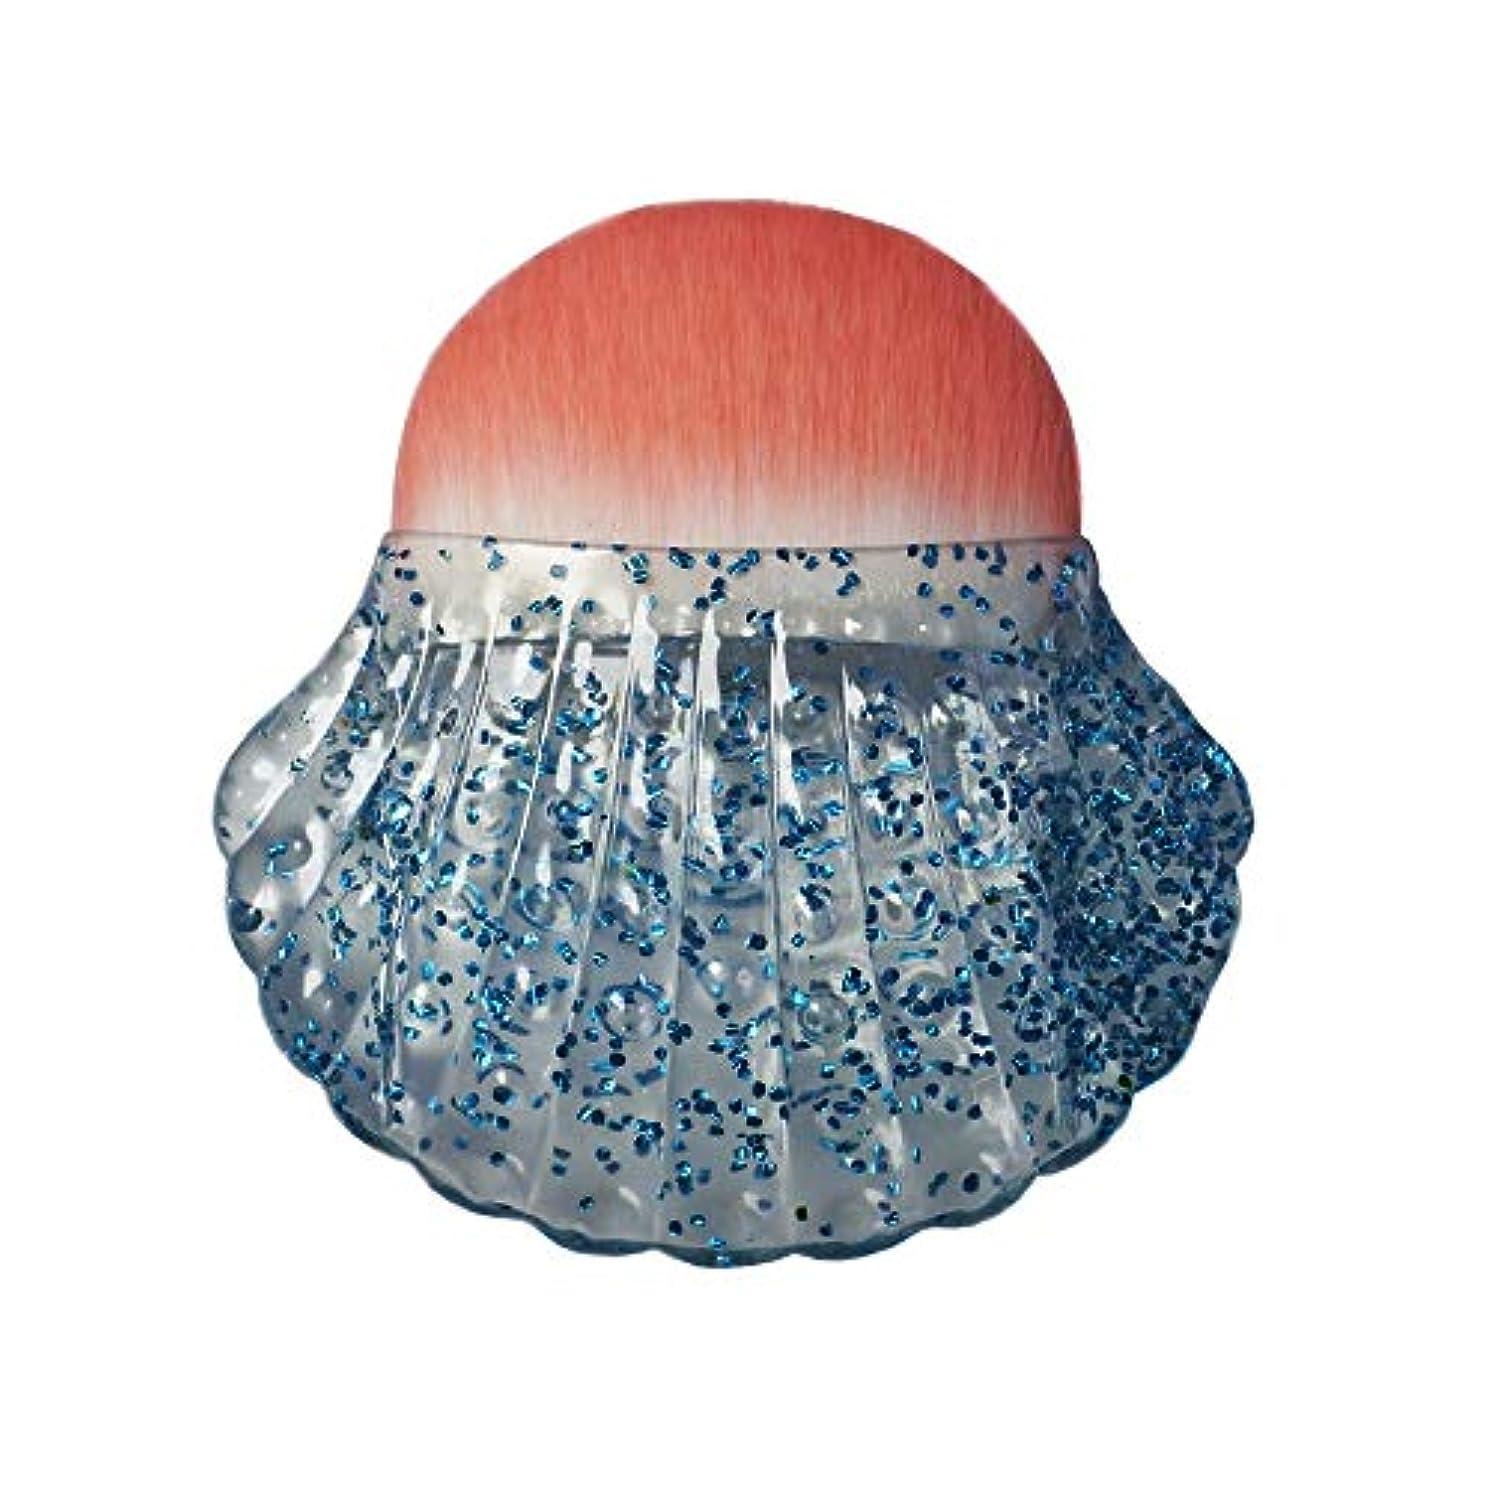 唯一急流カフェMakeup brushes トリッピングブルー、個々のシェルタイプブラッシュブラシ美容メイクブラシツールポータブル多機能メイクブラシ suits (Color : Clear Sequin)